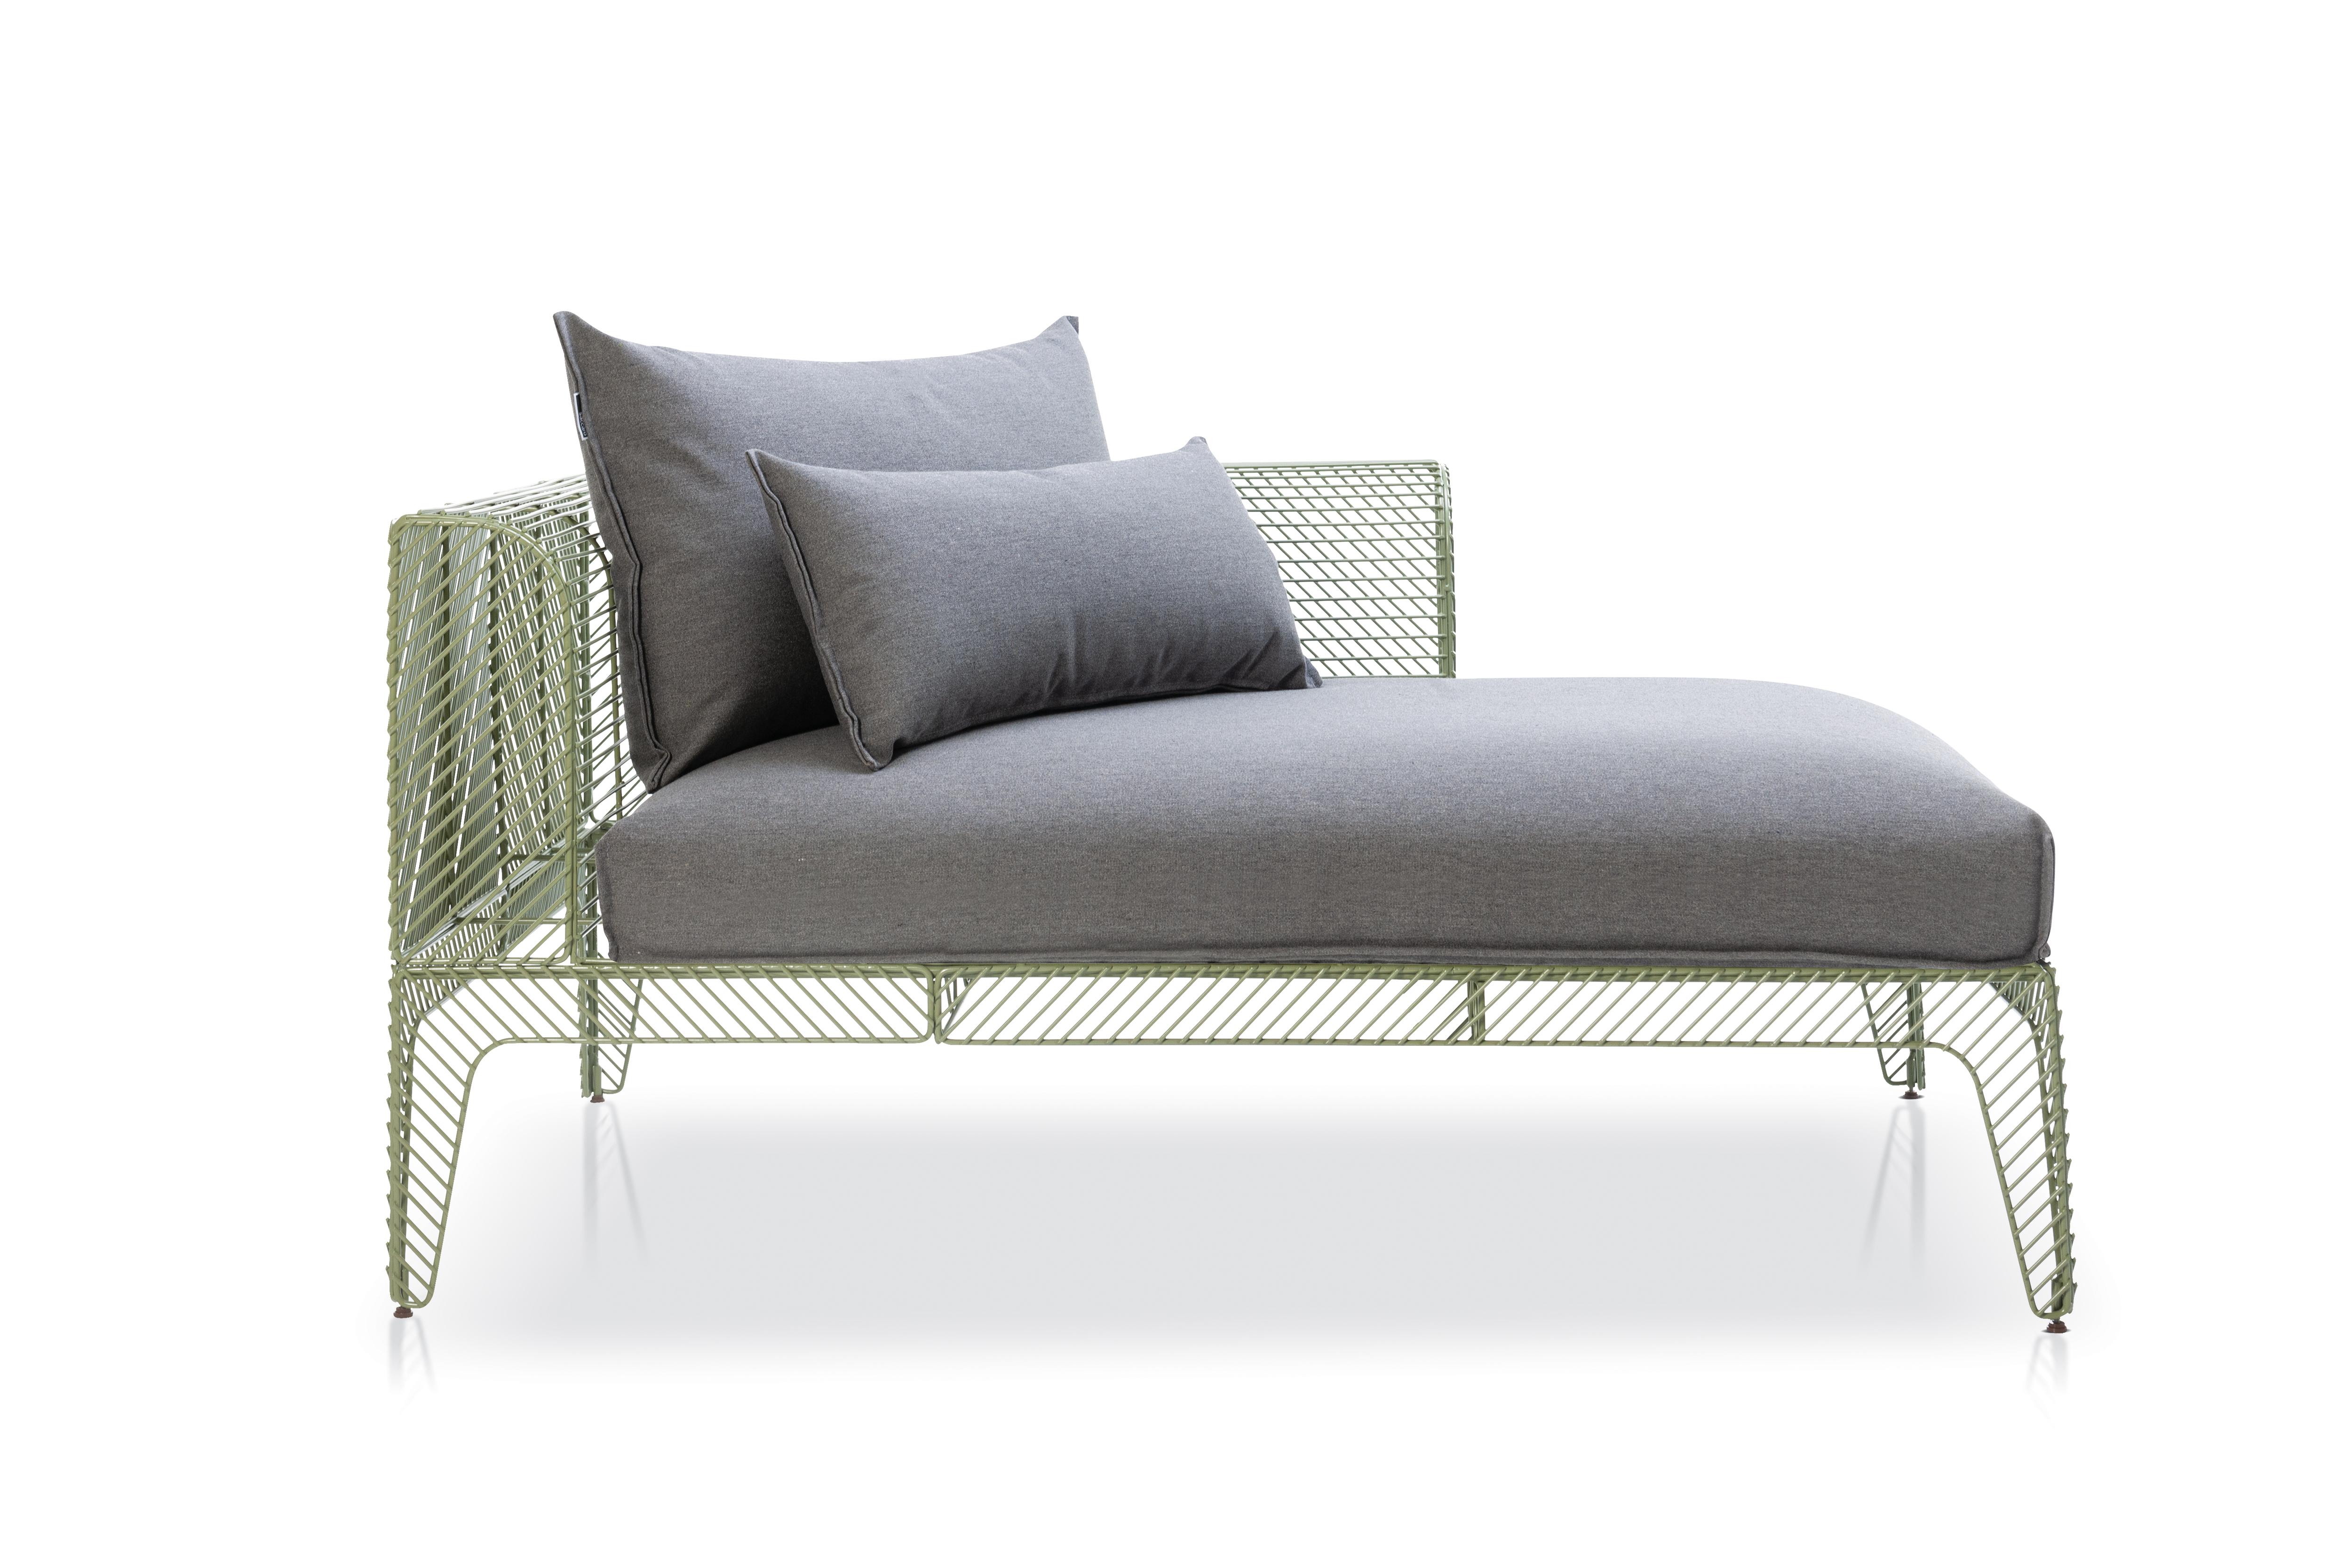 Aço inoxidável e conceito tropical marcam linha de móveis assinada por Jayme Bernardo